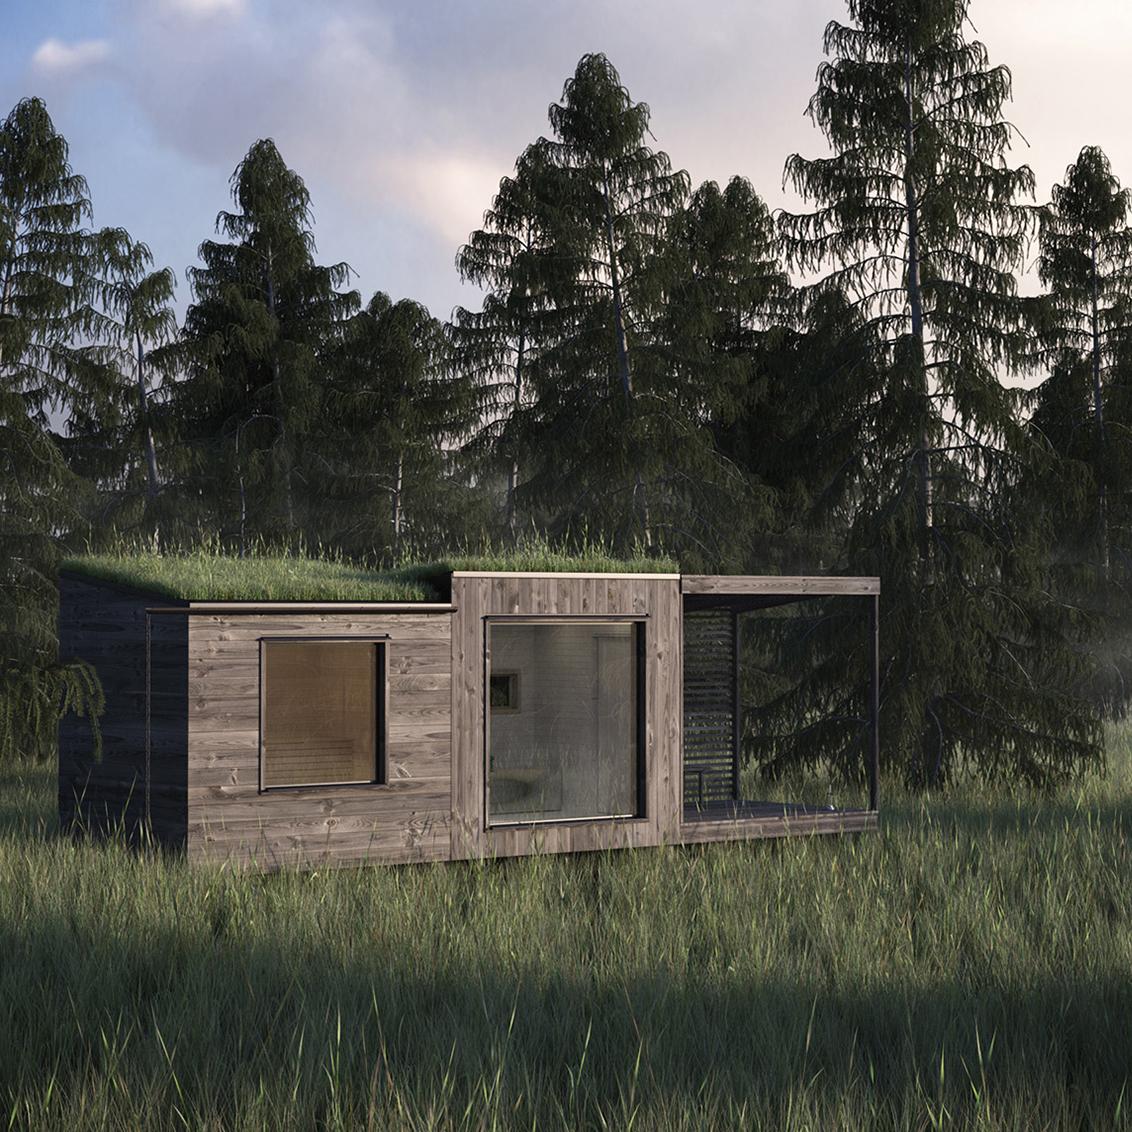 Arja's Sauna (2013)